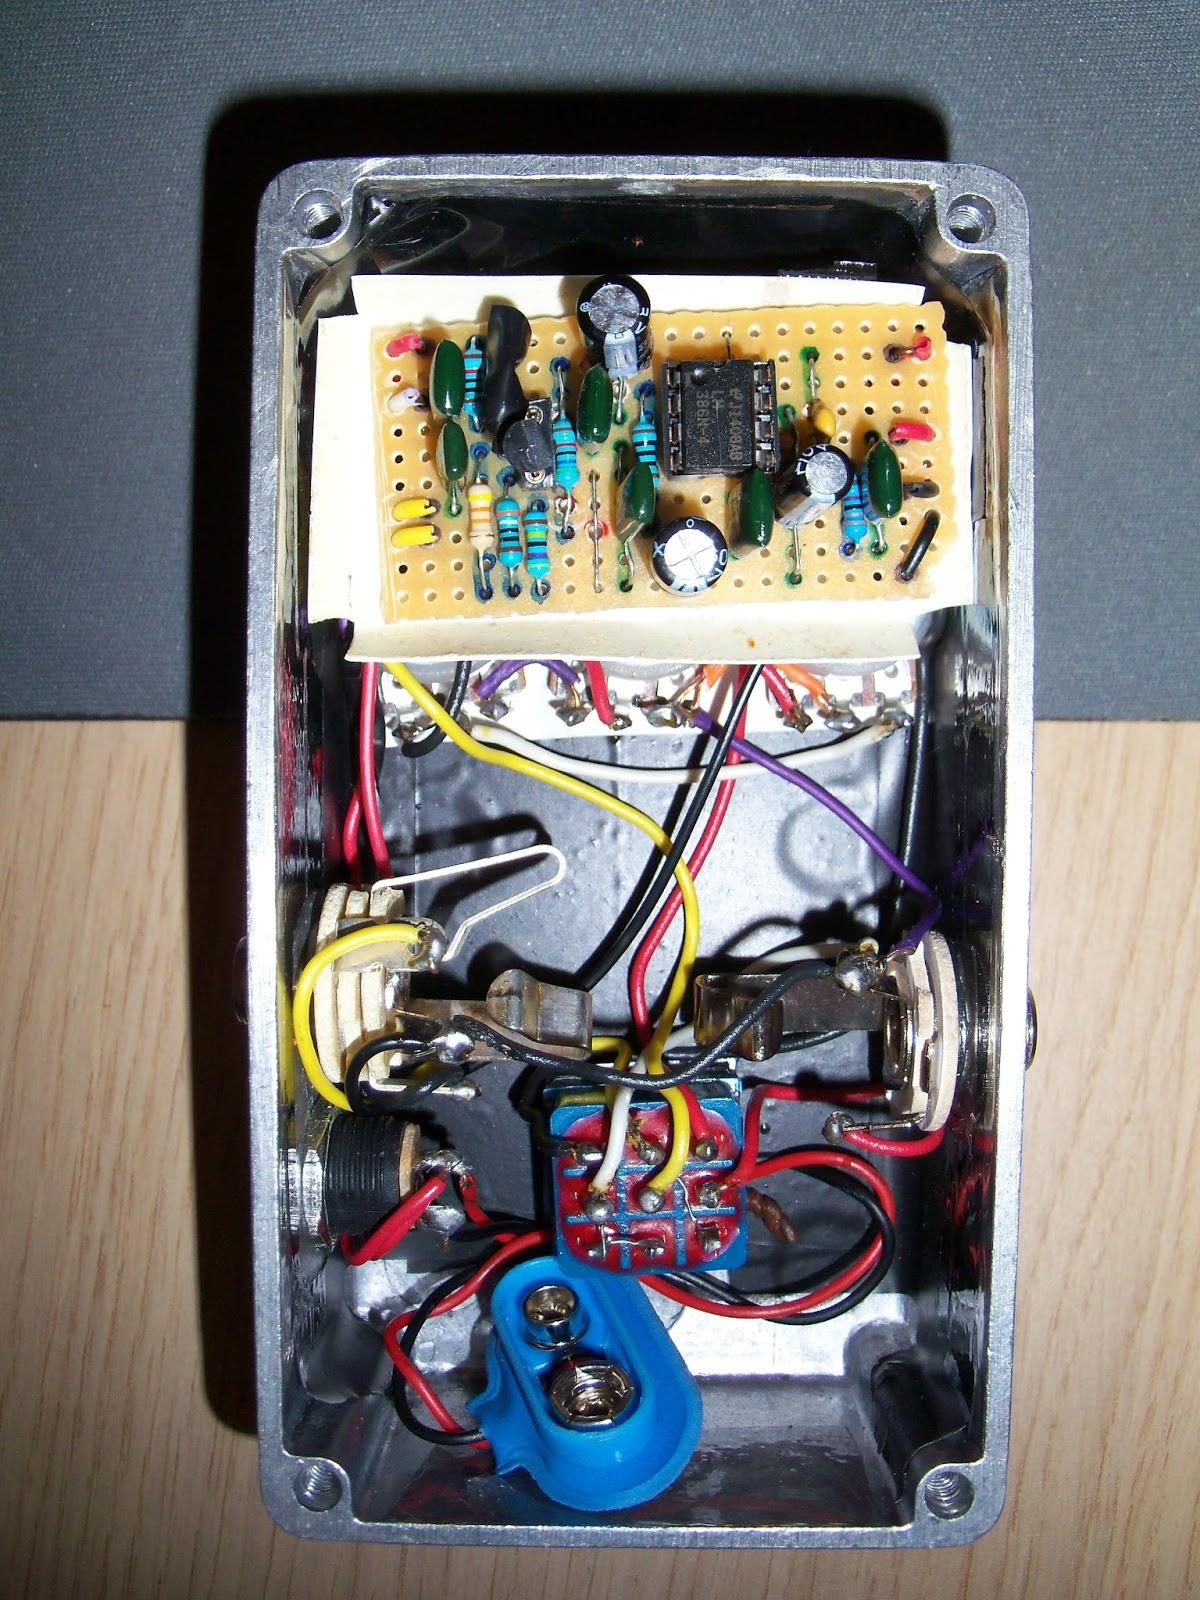 krank wiring diagram wiring diagram post Circuit Diagram krank distortus maximus diy and mods! guitar dreamer wiring diagram symbols krank wiring diagram